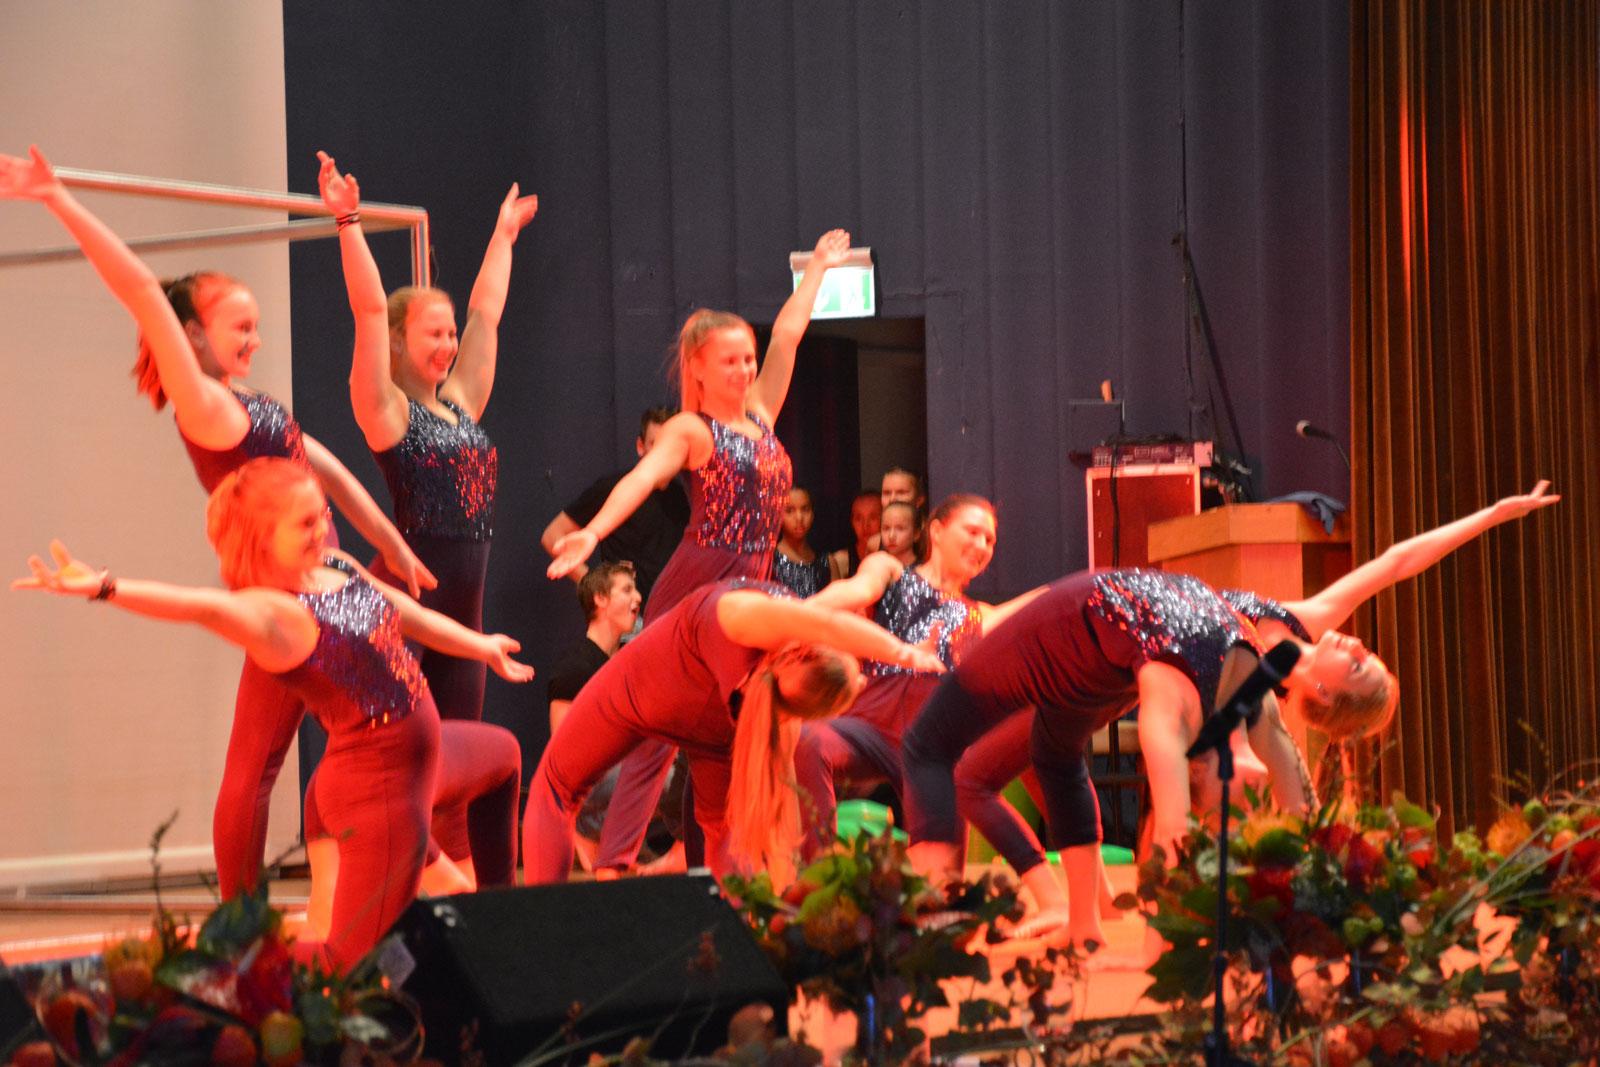 Akrobatische Höchstleistungen zeigten die Akteure des Zirkusvereins Neumarkt. Foto: Lorenz Märtl